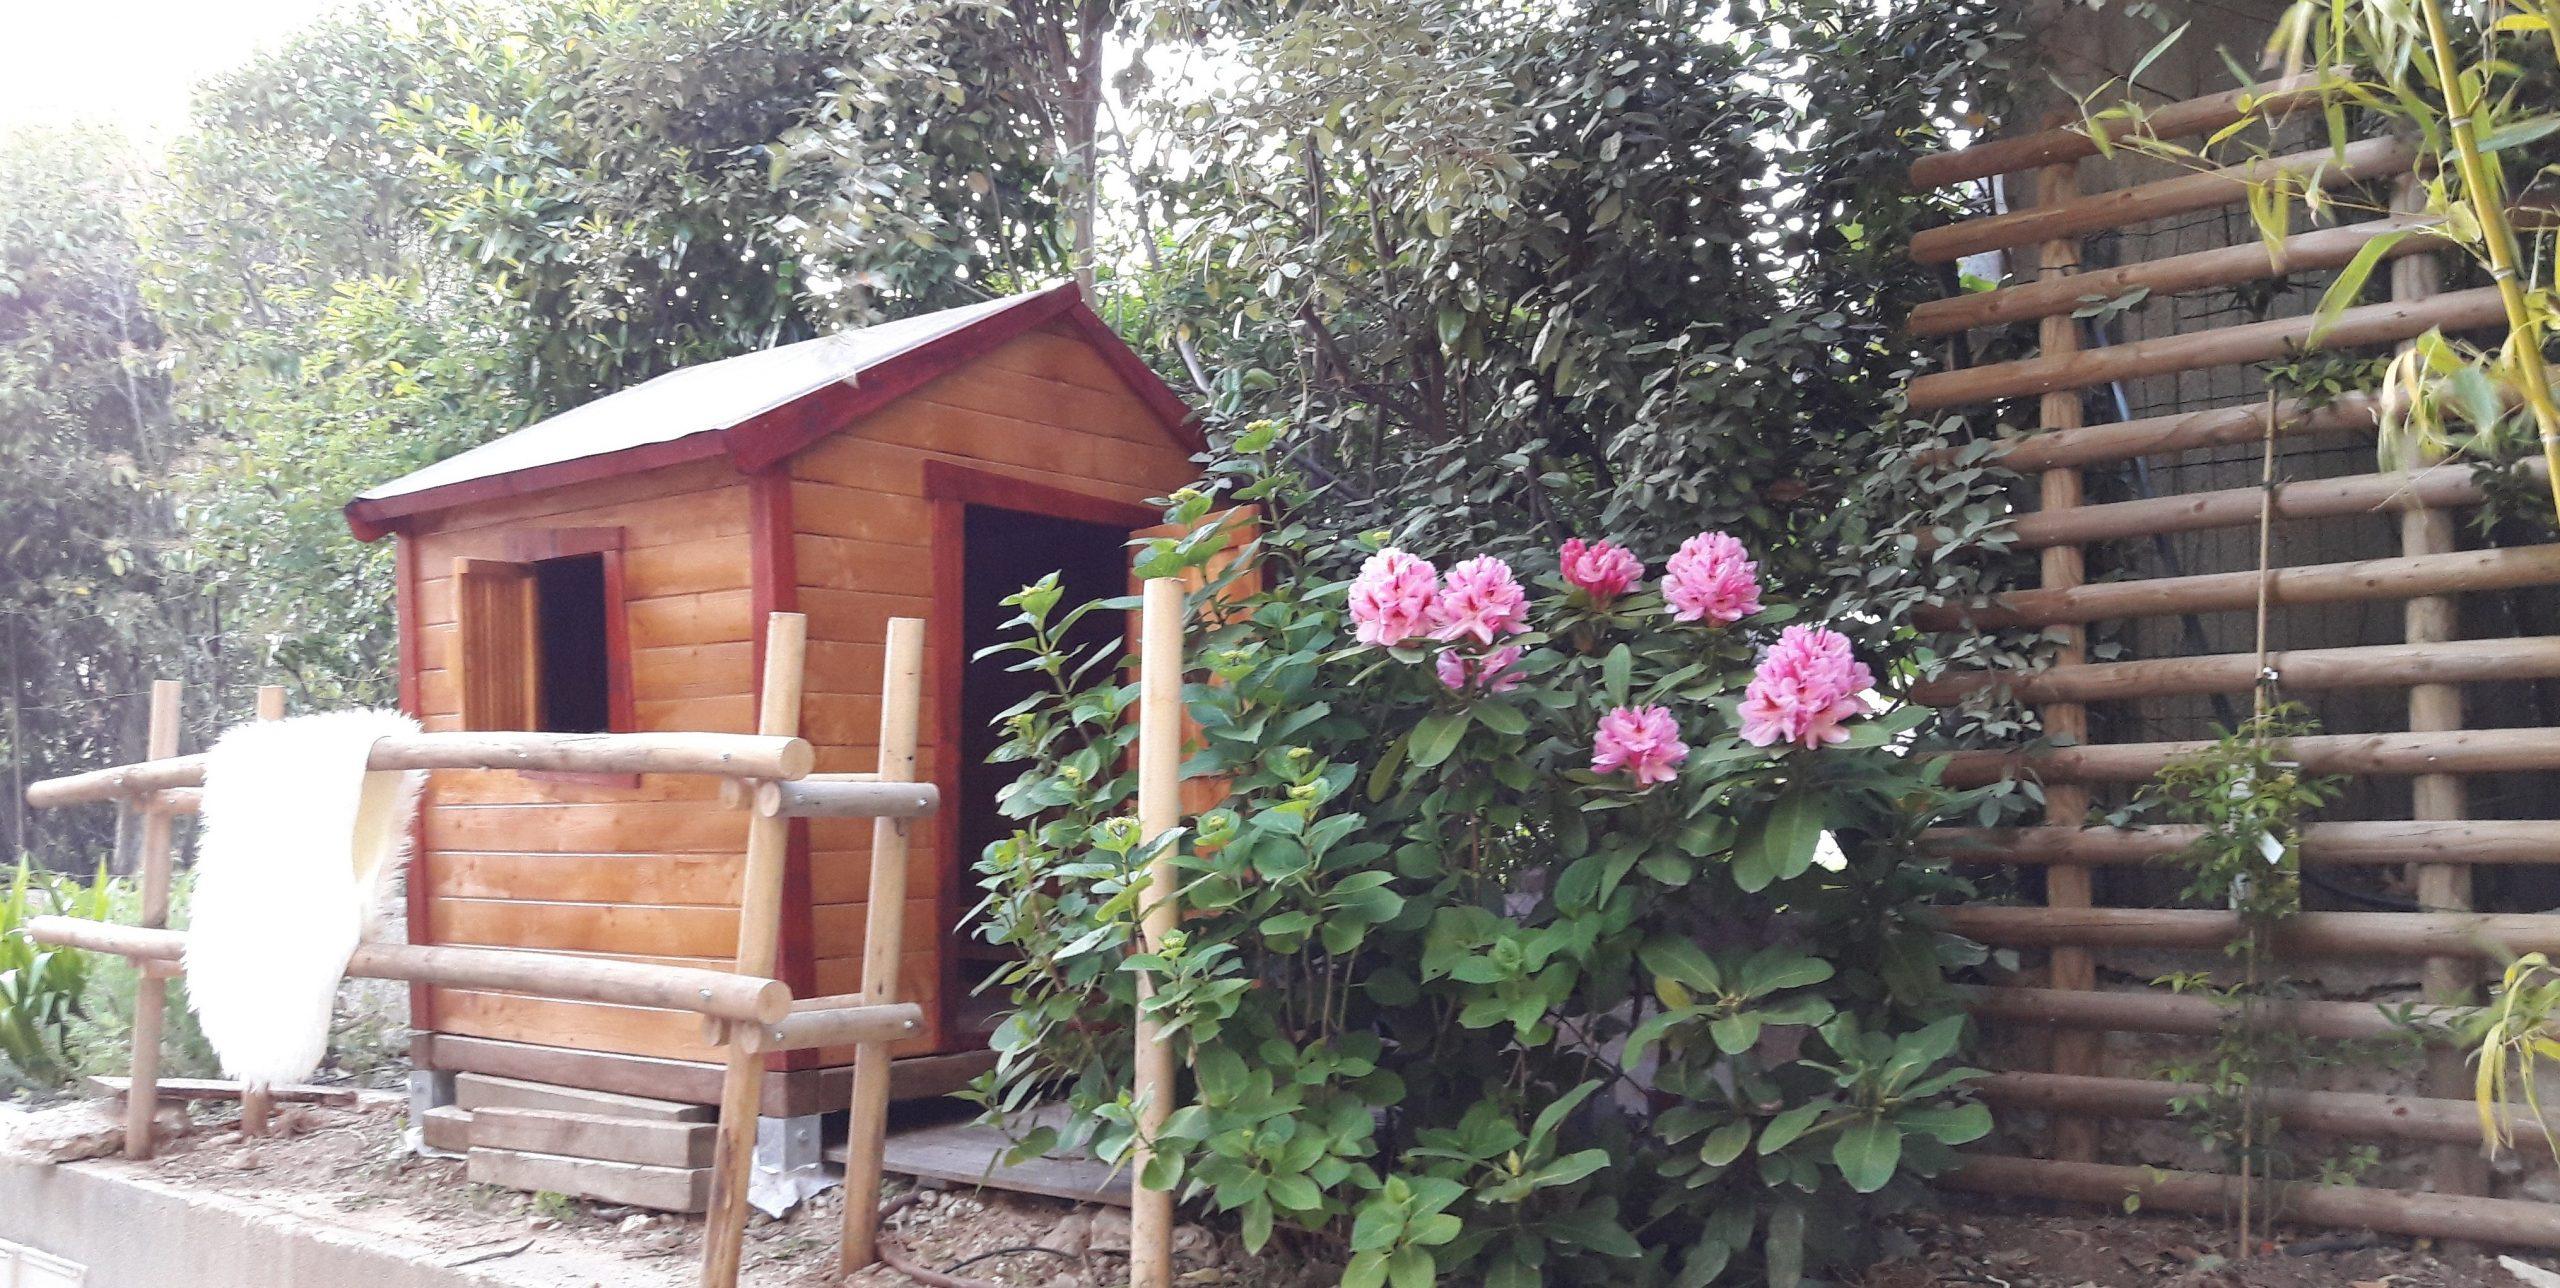 Le Jardin Cabane De Carla - Communauté Leroy Merlin avec Cabane De Jardin Leroy Merlin